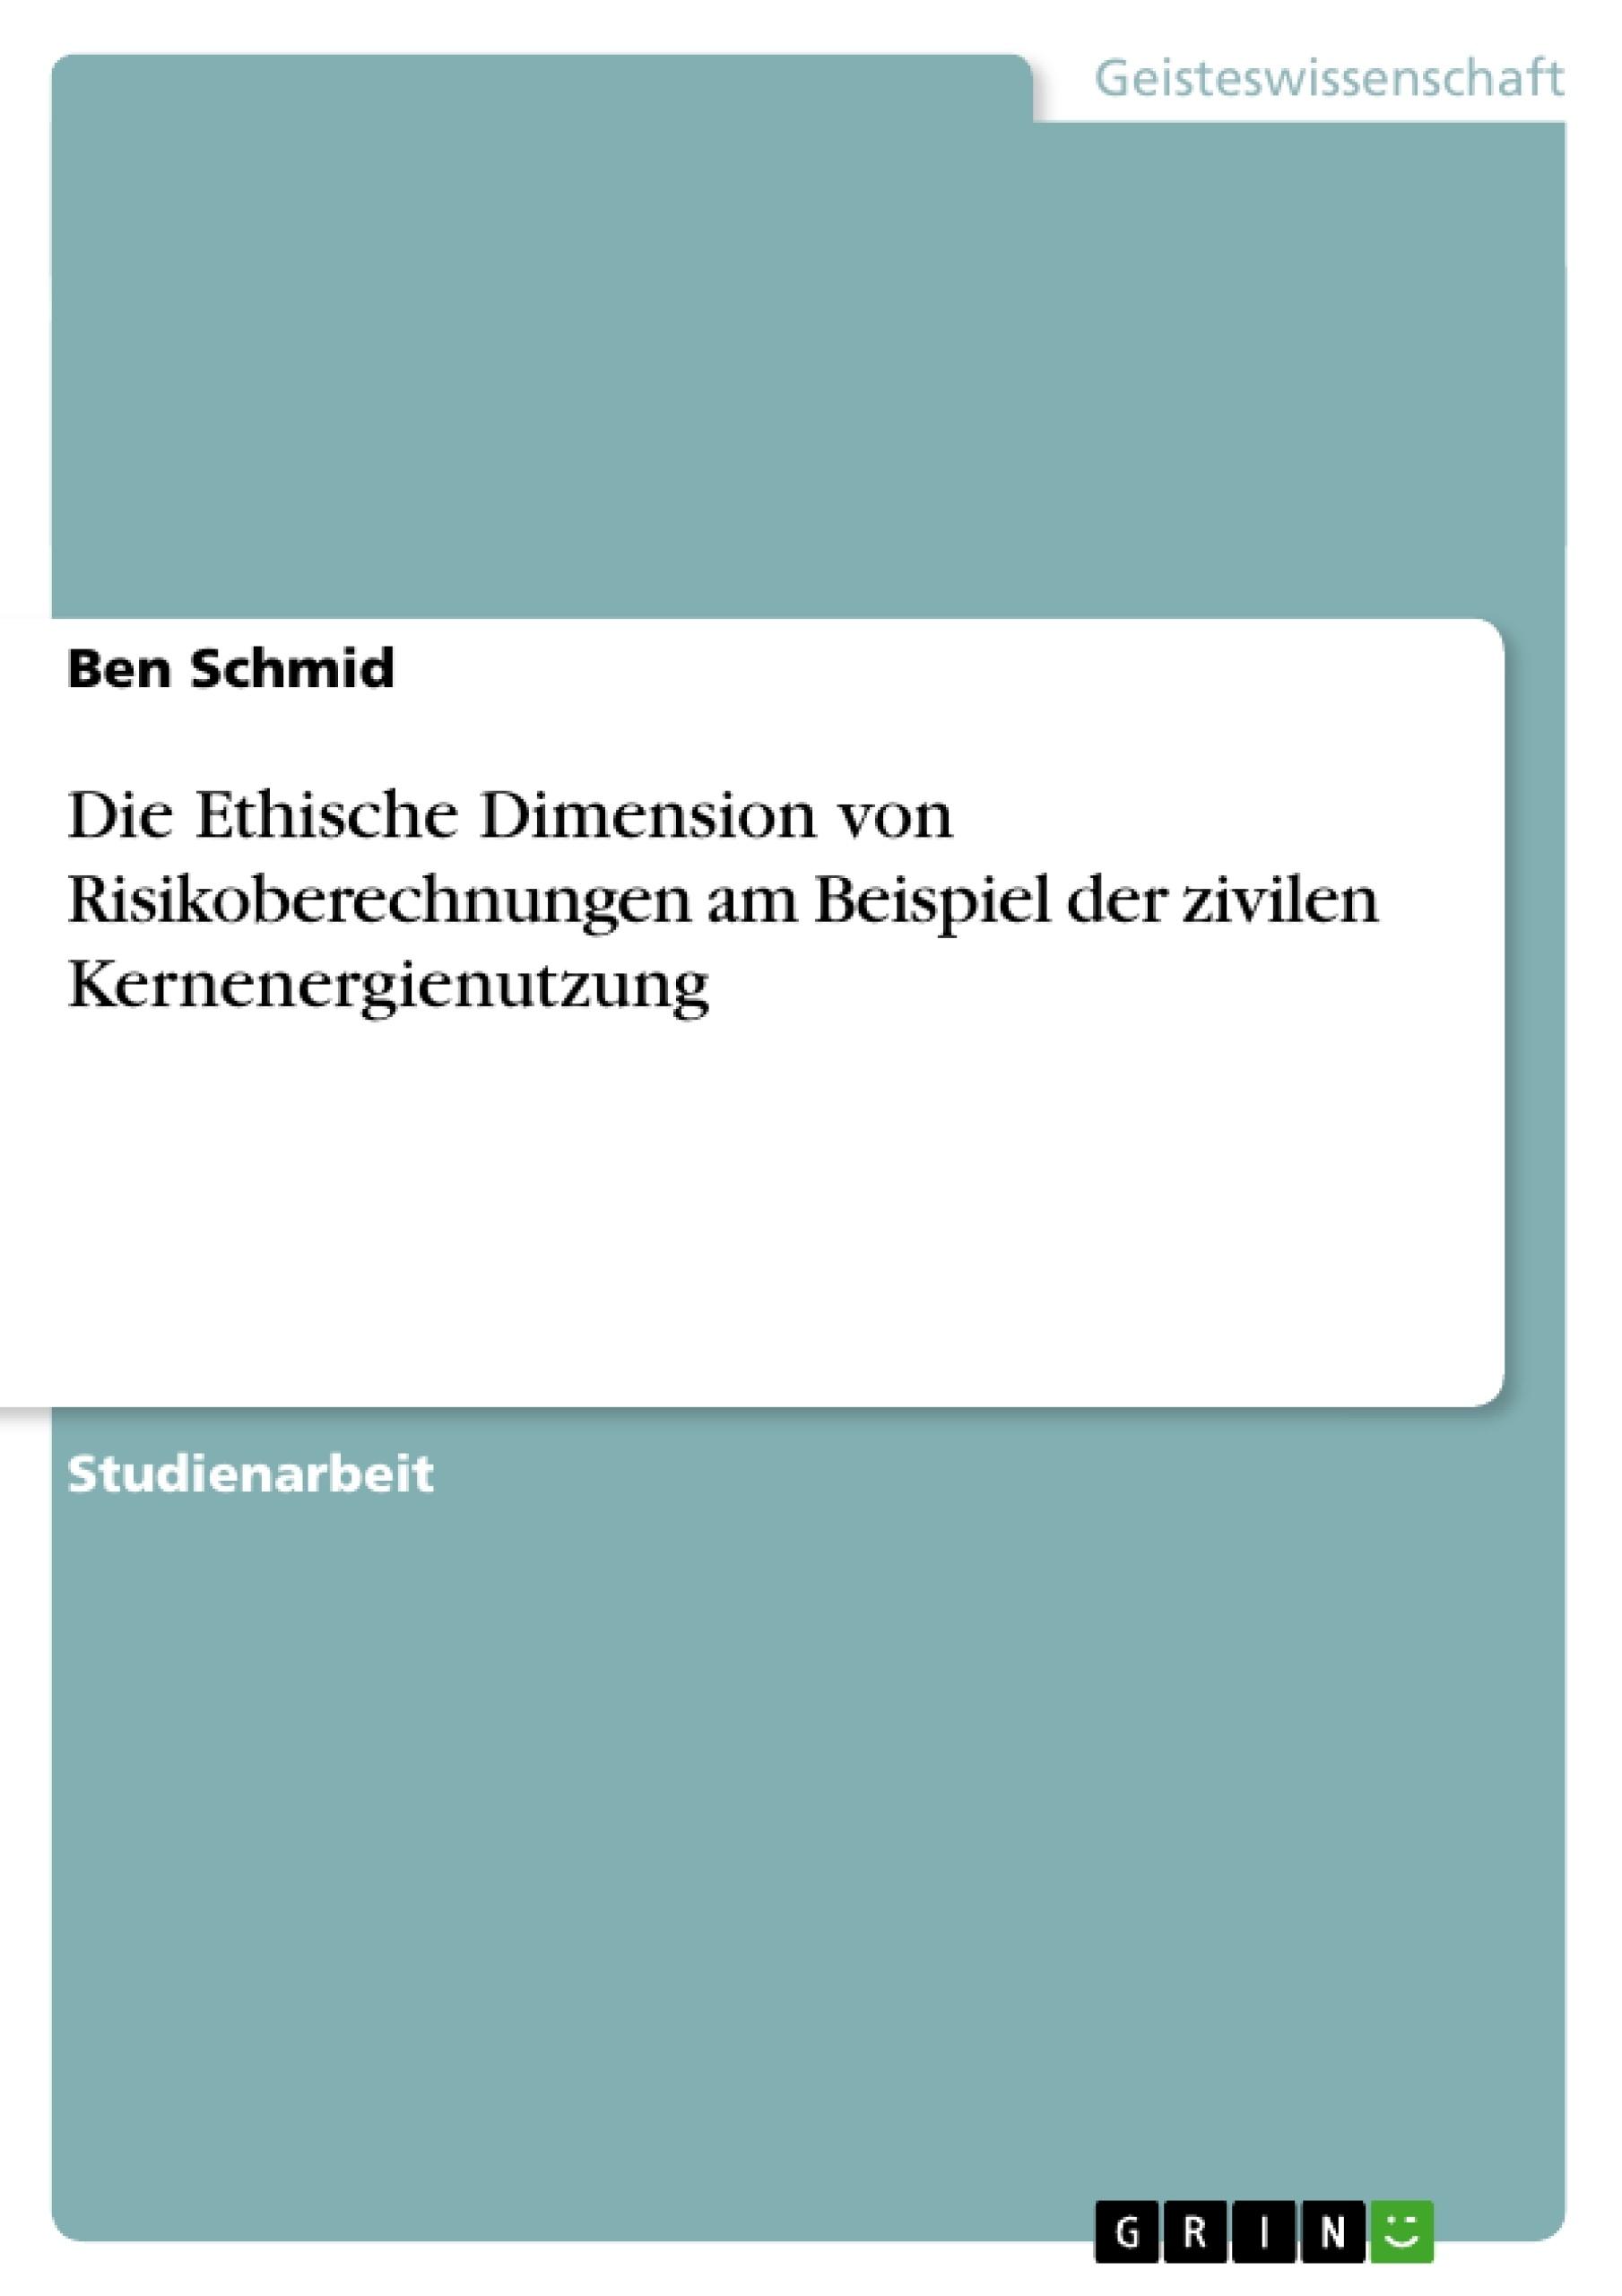 Titel: Die Ethische Dimension von Risikoberechnungen am Beispiel der zivilen Kernenergienutzung